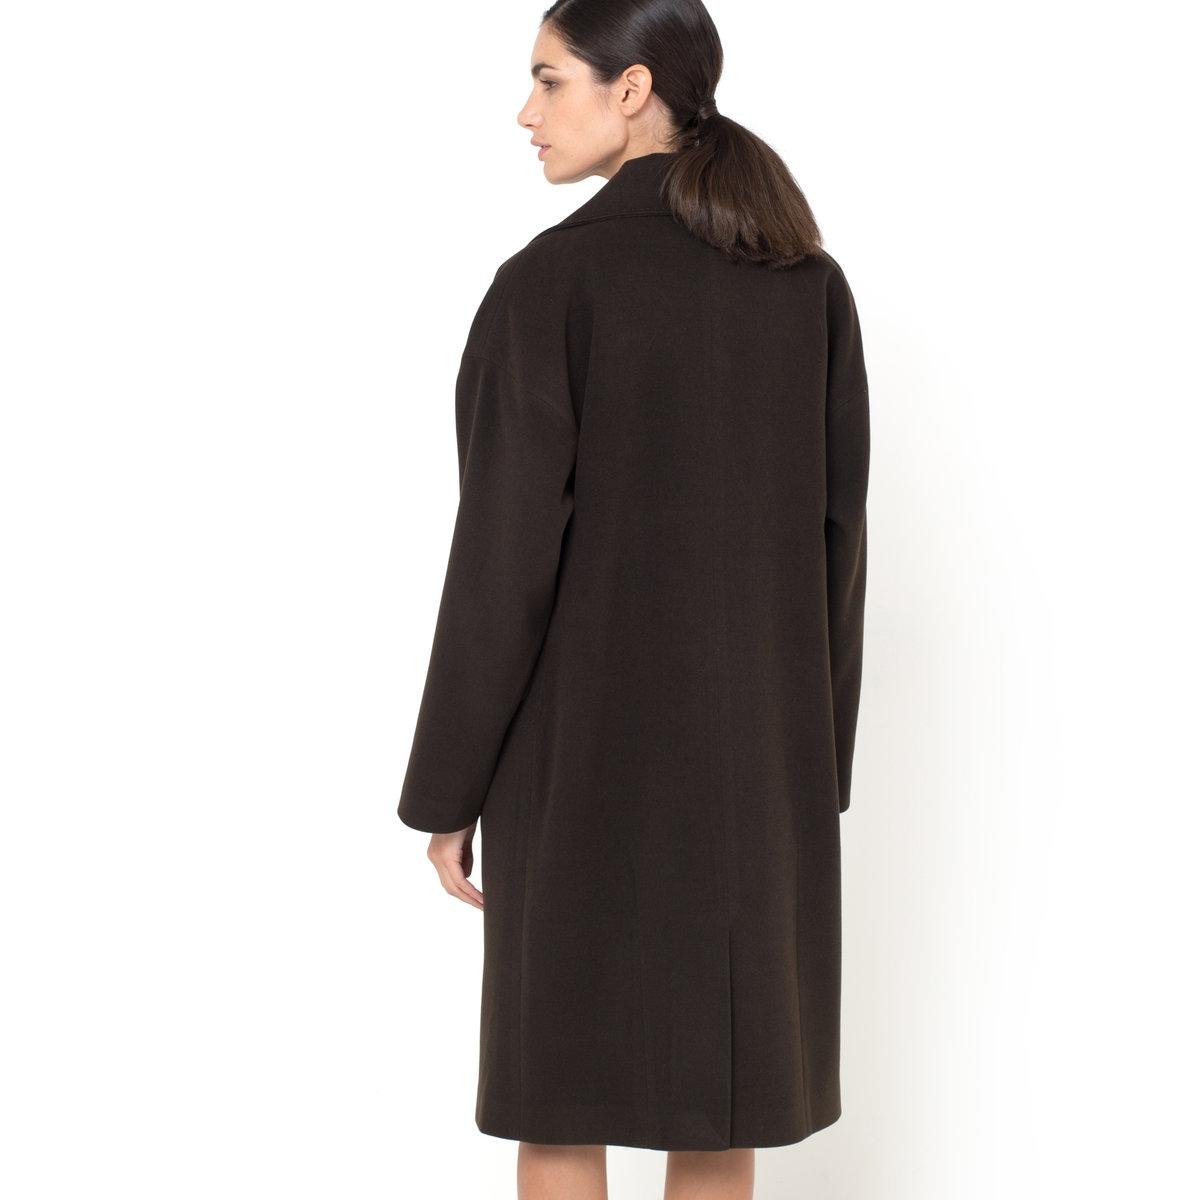 Пальто большого размераПальто большого размера. 80% шерсти, 20% полиэстера. На подкладке из 100% полиэстера. Застежка на пуговицы-кнопки спереди. Приспущенные плечевые швы. 2 кармана. Длина 106 см.<br><br>Цвет: каштановый<br>Размер: 36 (FR) - 42 (RUS)